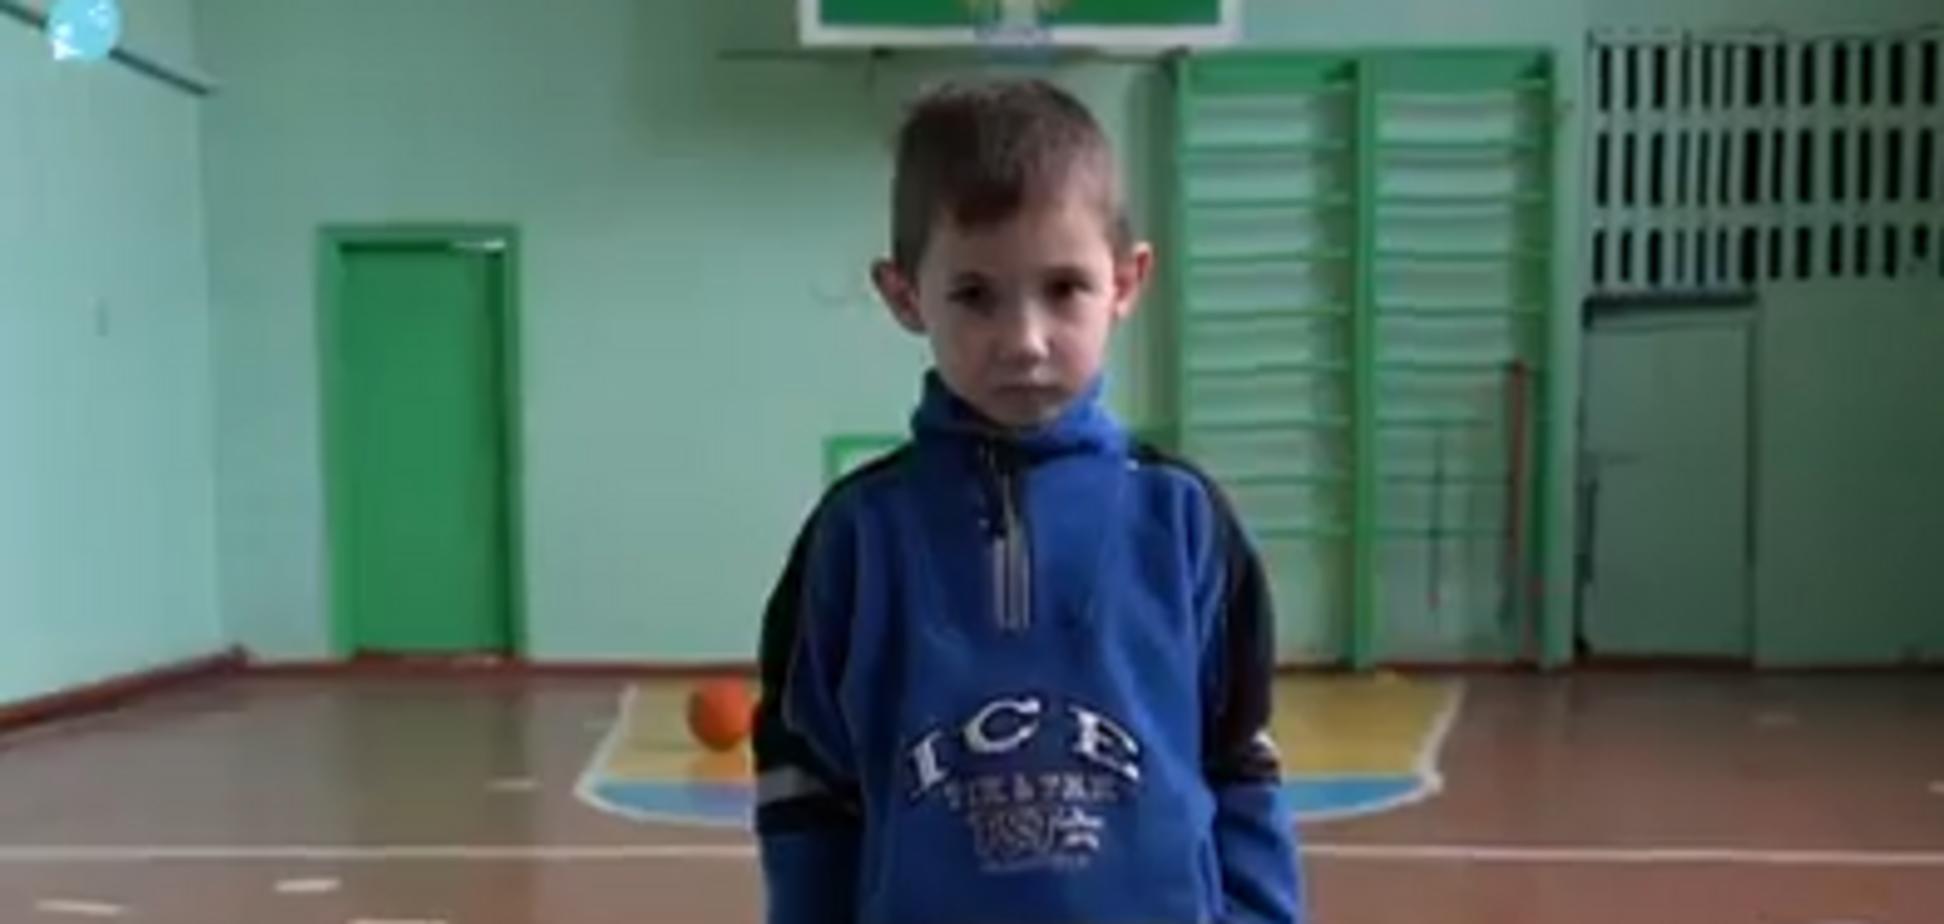 Шестилетний мальчик с Донбасса рассказал о жизни на линии фронта. Видео